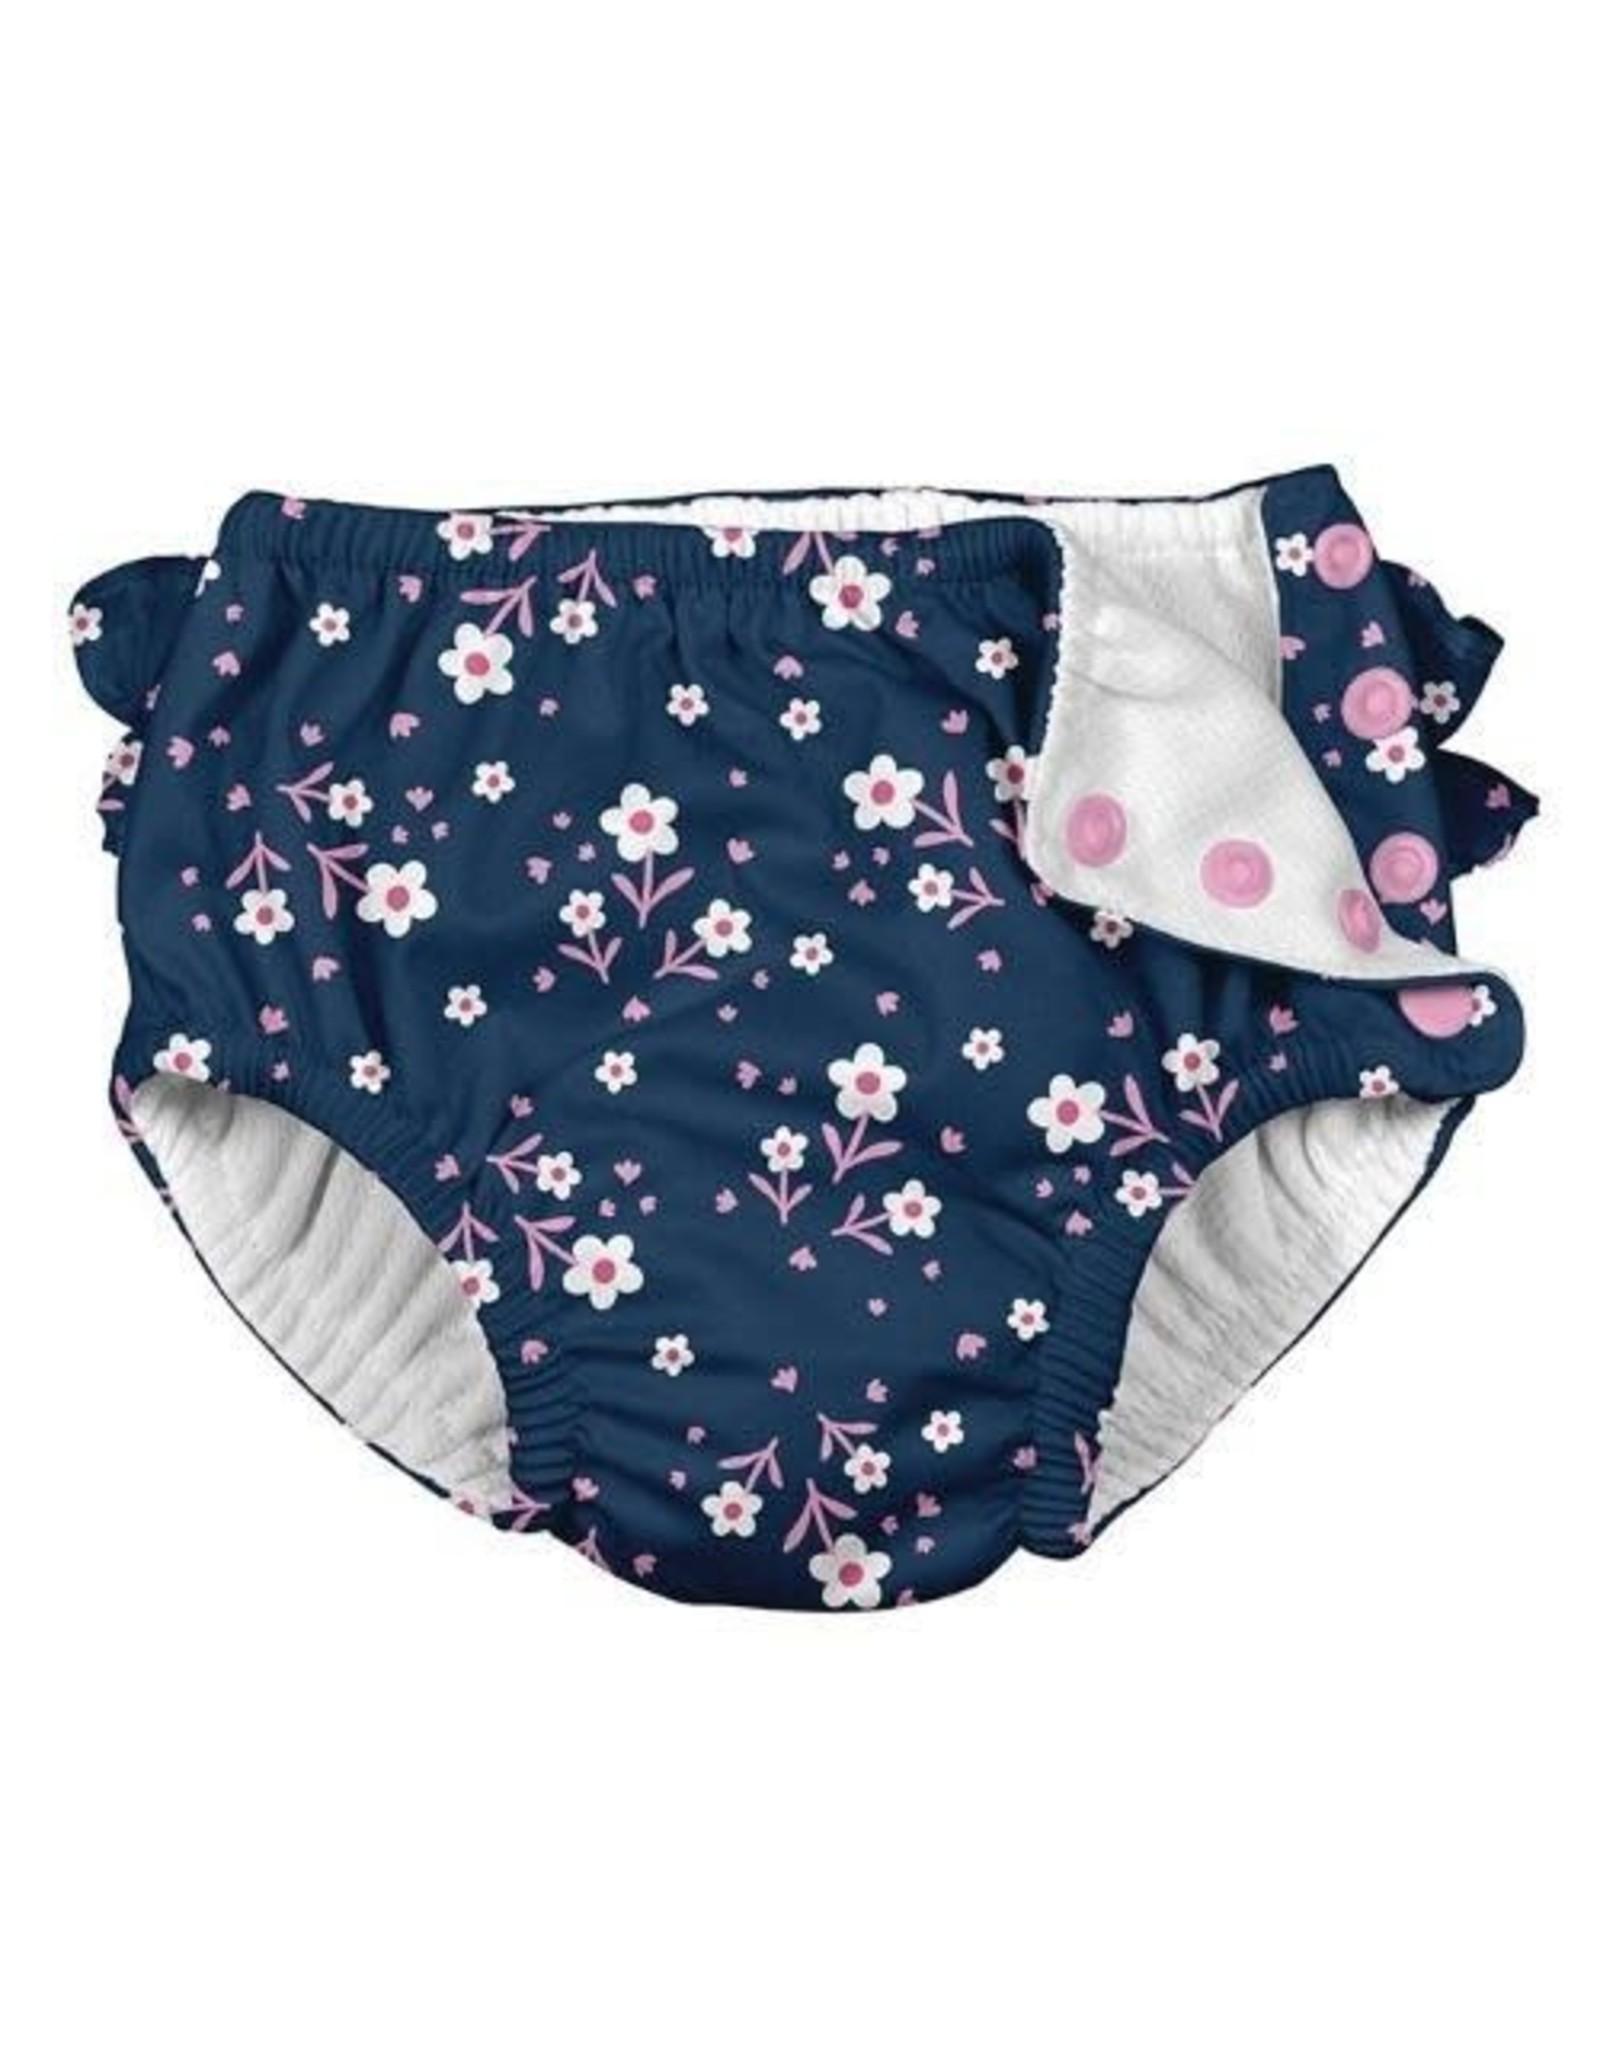 iPlay Ruffle Snap Swim Diaper, Navy Posies, 4T